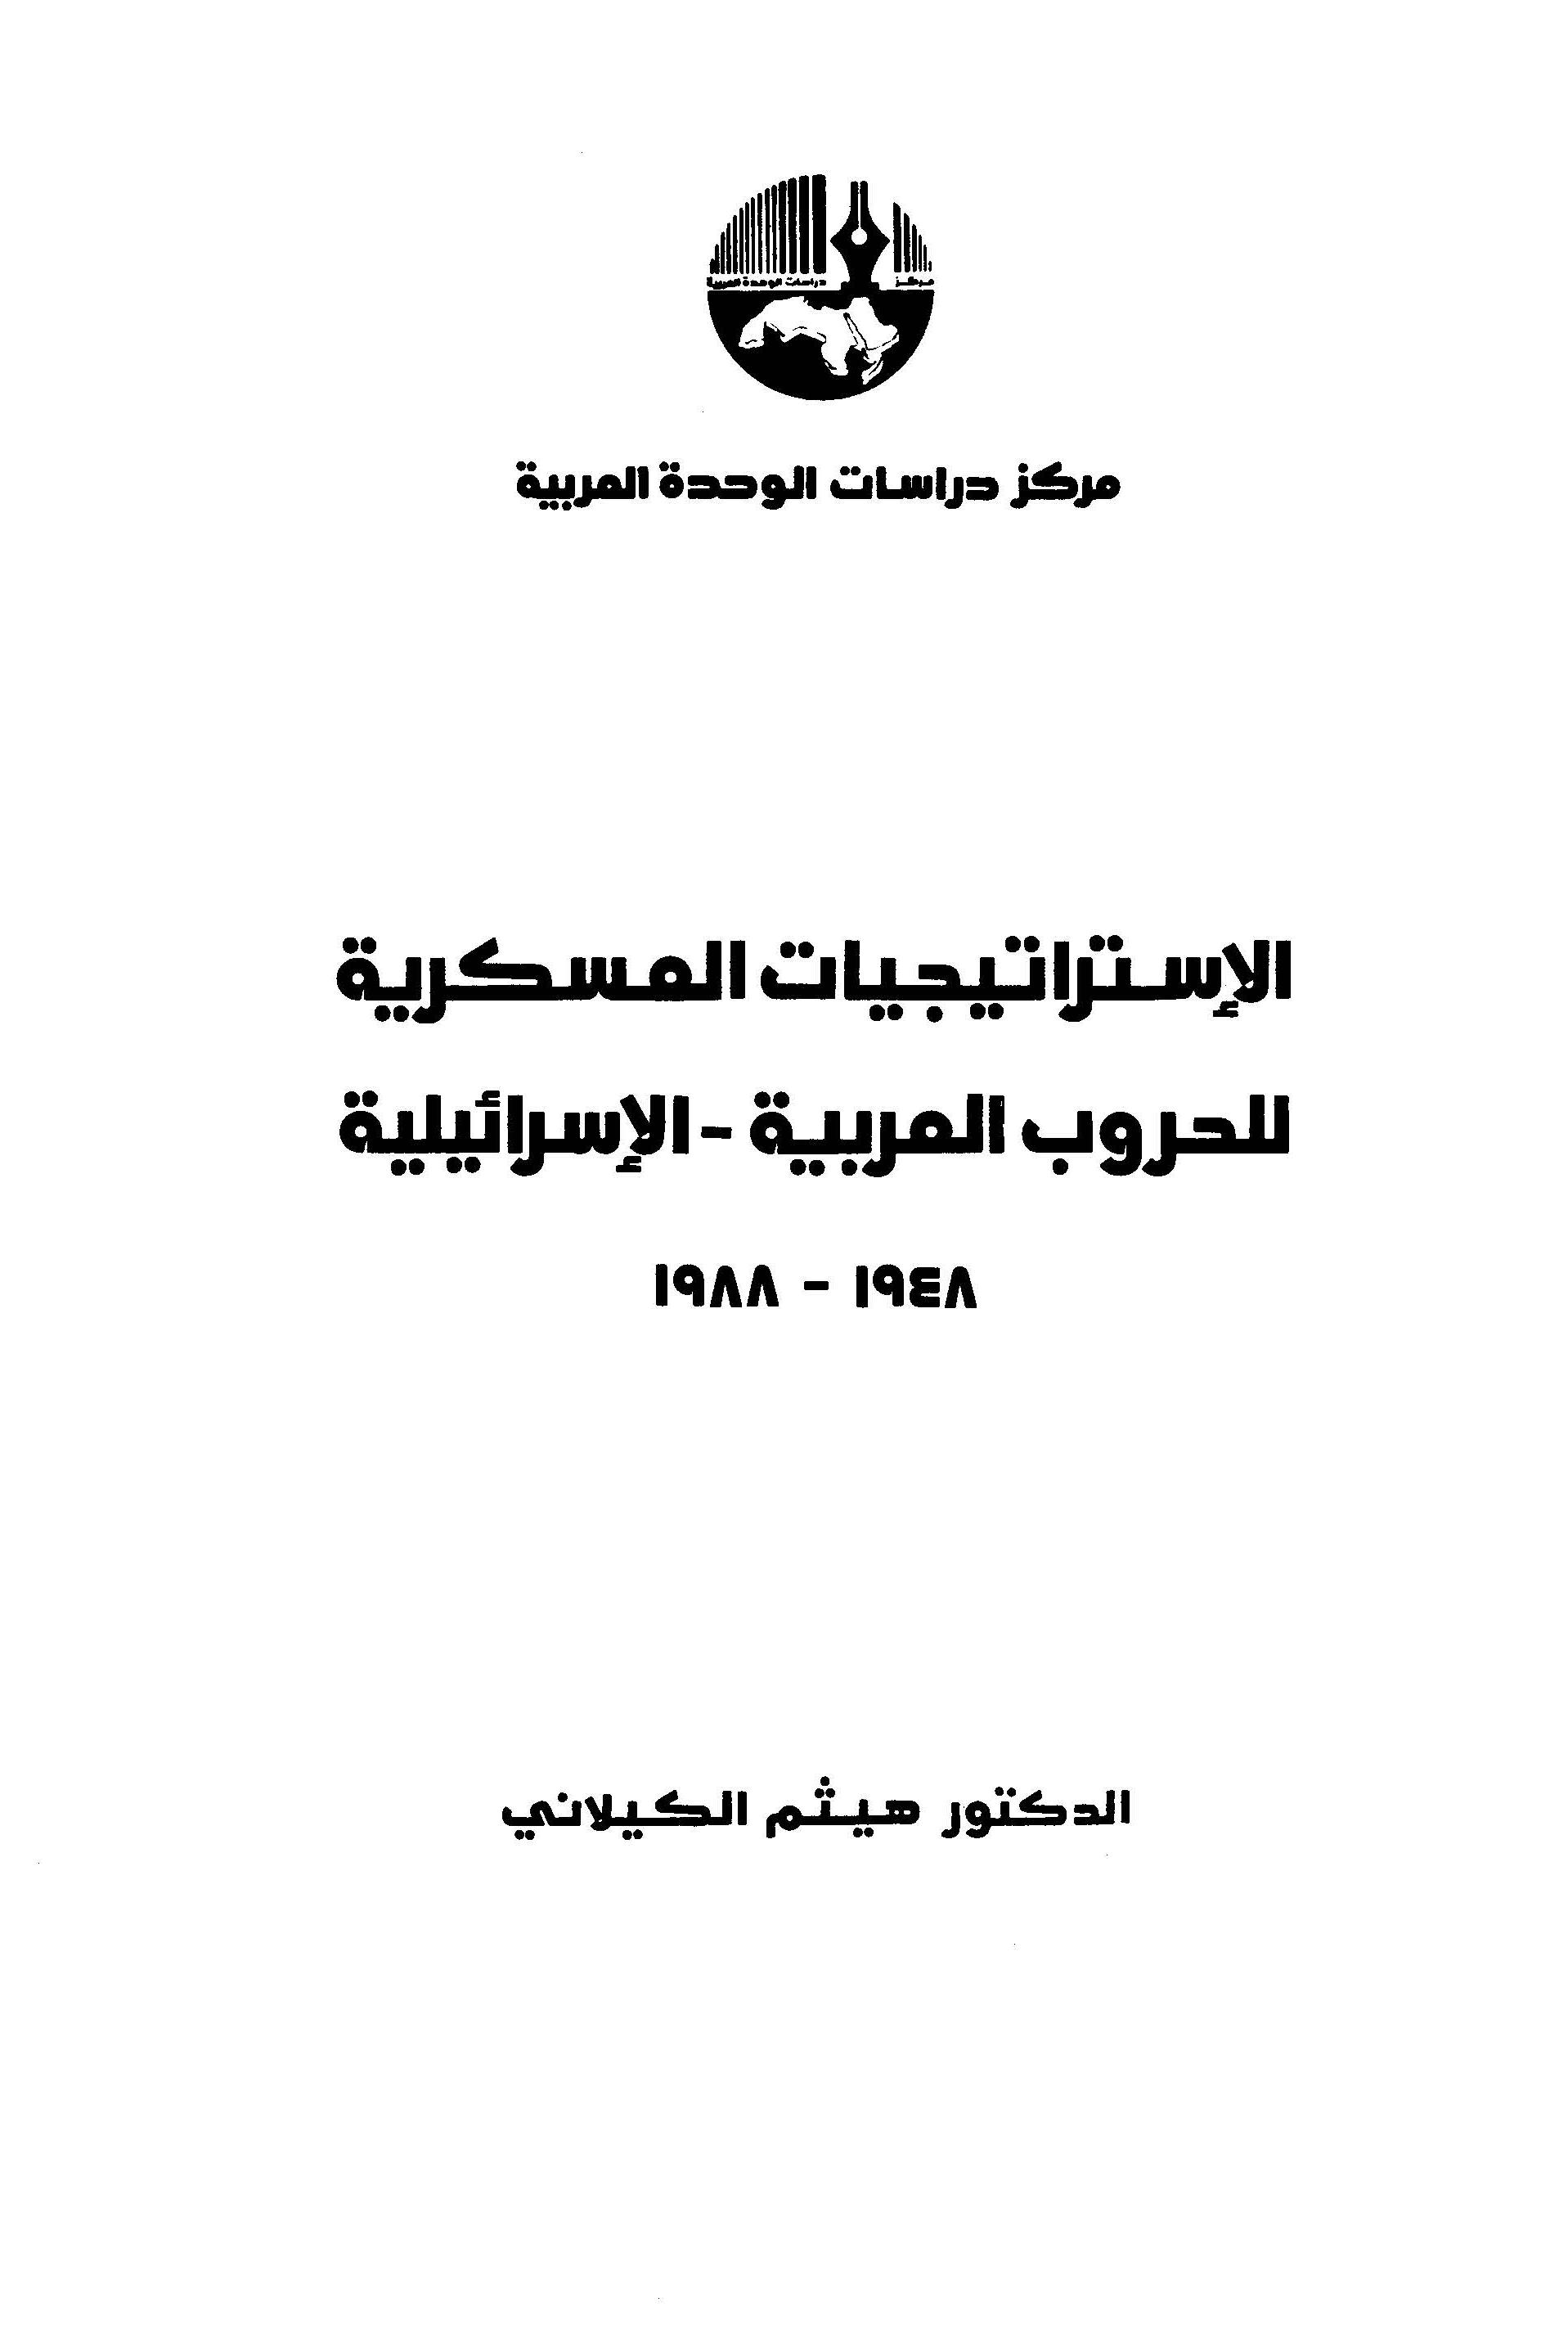 تحميل كتاب الاستراتيجيات العسكرية للحروب العربية-الاسرائلية pdf تأليف هيثم الكيلانى مجانا   المكتبة تحميل كتب pdf